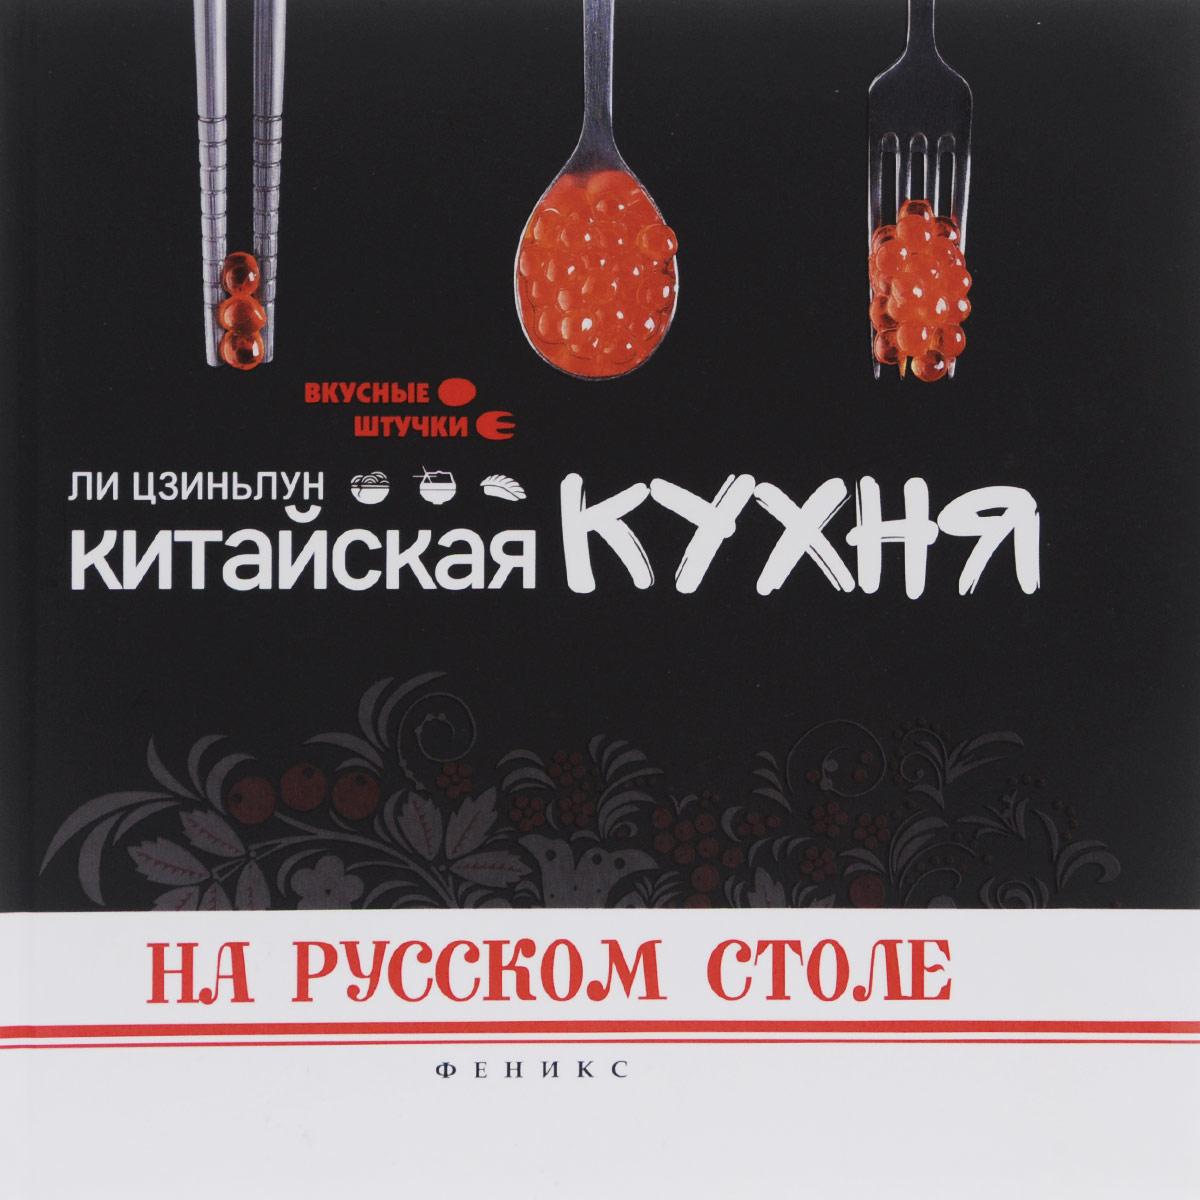 Ли Цзиньлун Китайская кухня на русском столе арсланова а в китайская кухня лучшие рецепты